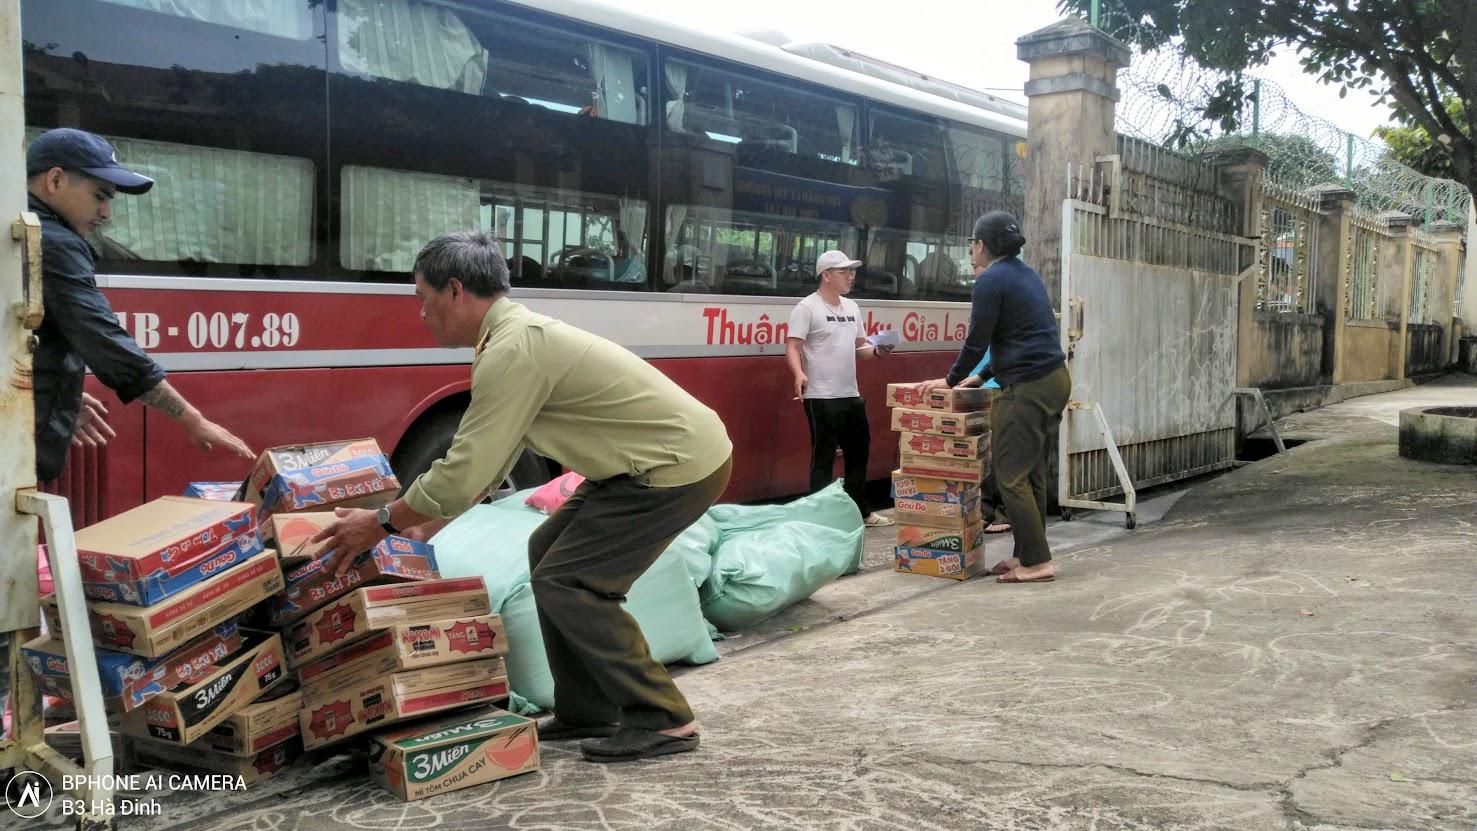 Cục Quản lý thị trường tỉnh Gia Lai chuyển 03 tấn gạo và 800 thùng mì tôm hỗ trợ đồng bào Miền Trung.